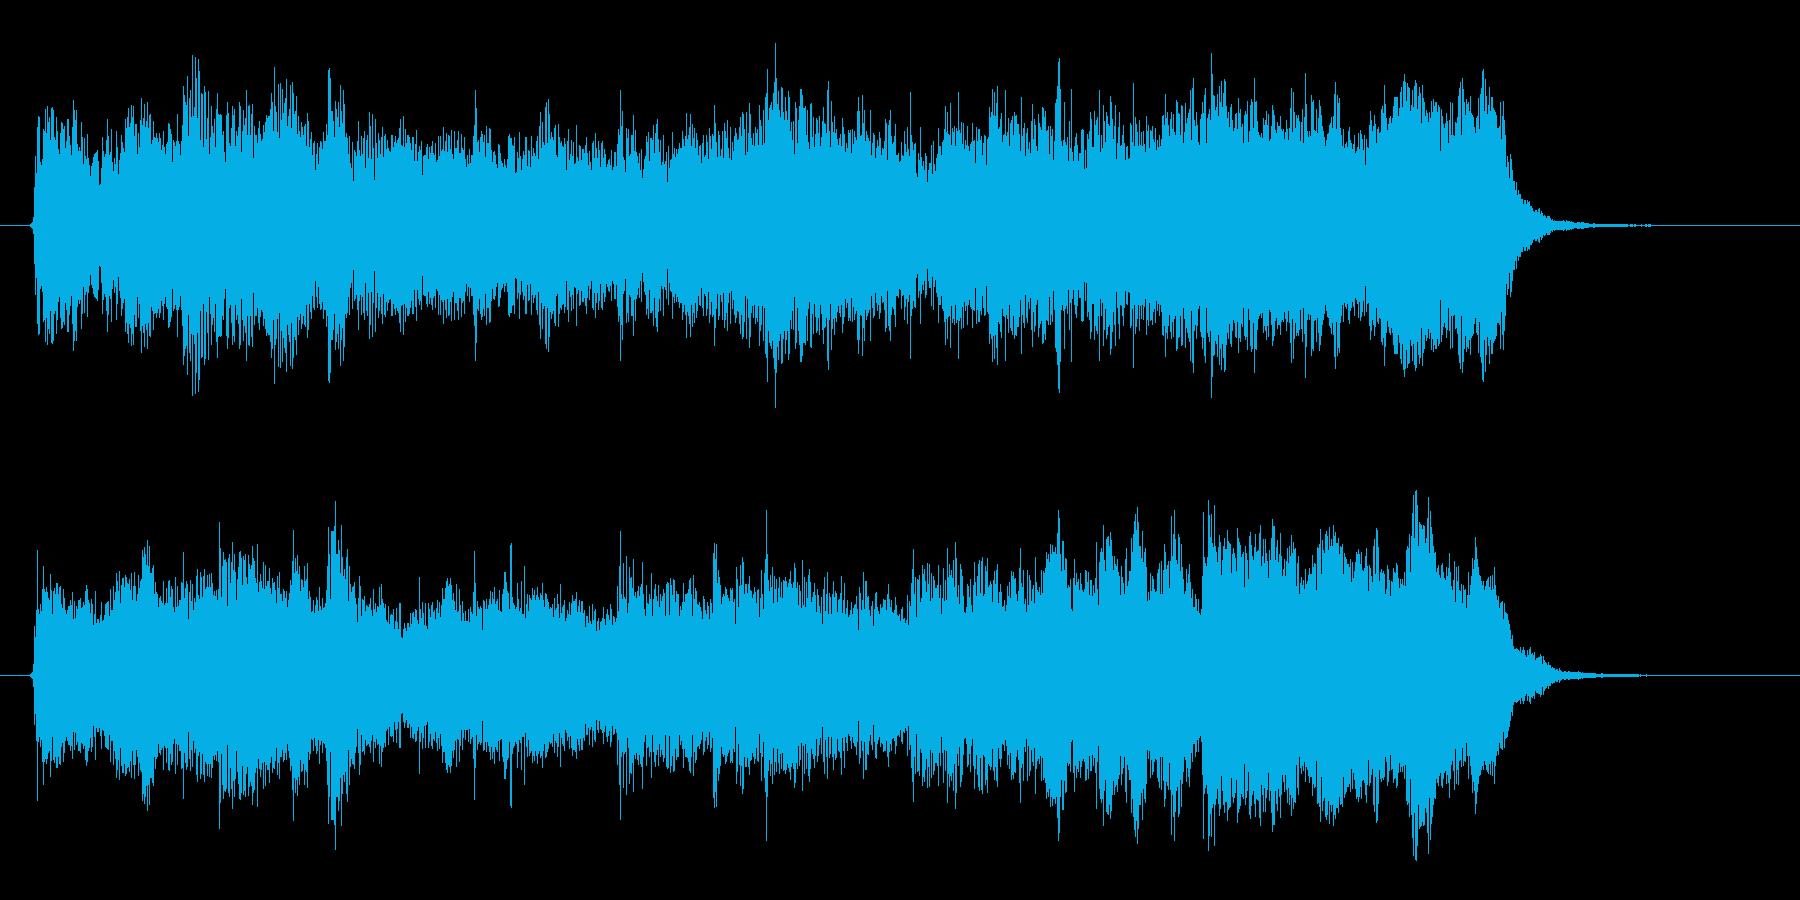 映像用BGM_ショッキングから幸せに 1の再生済みの波形